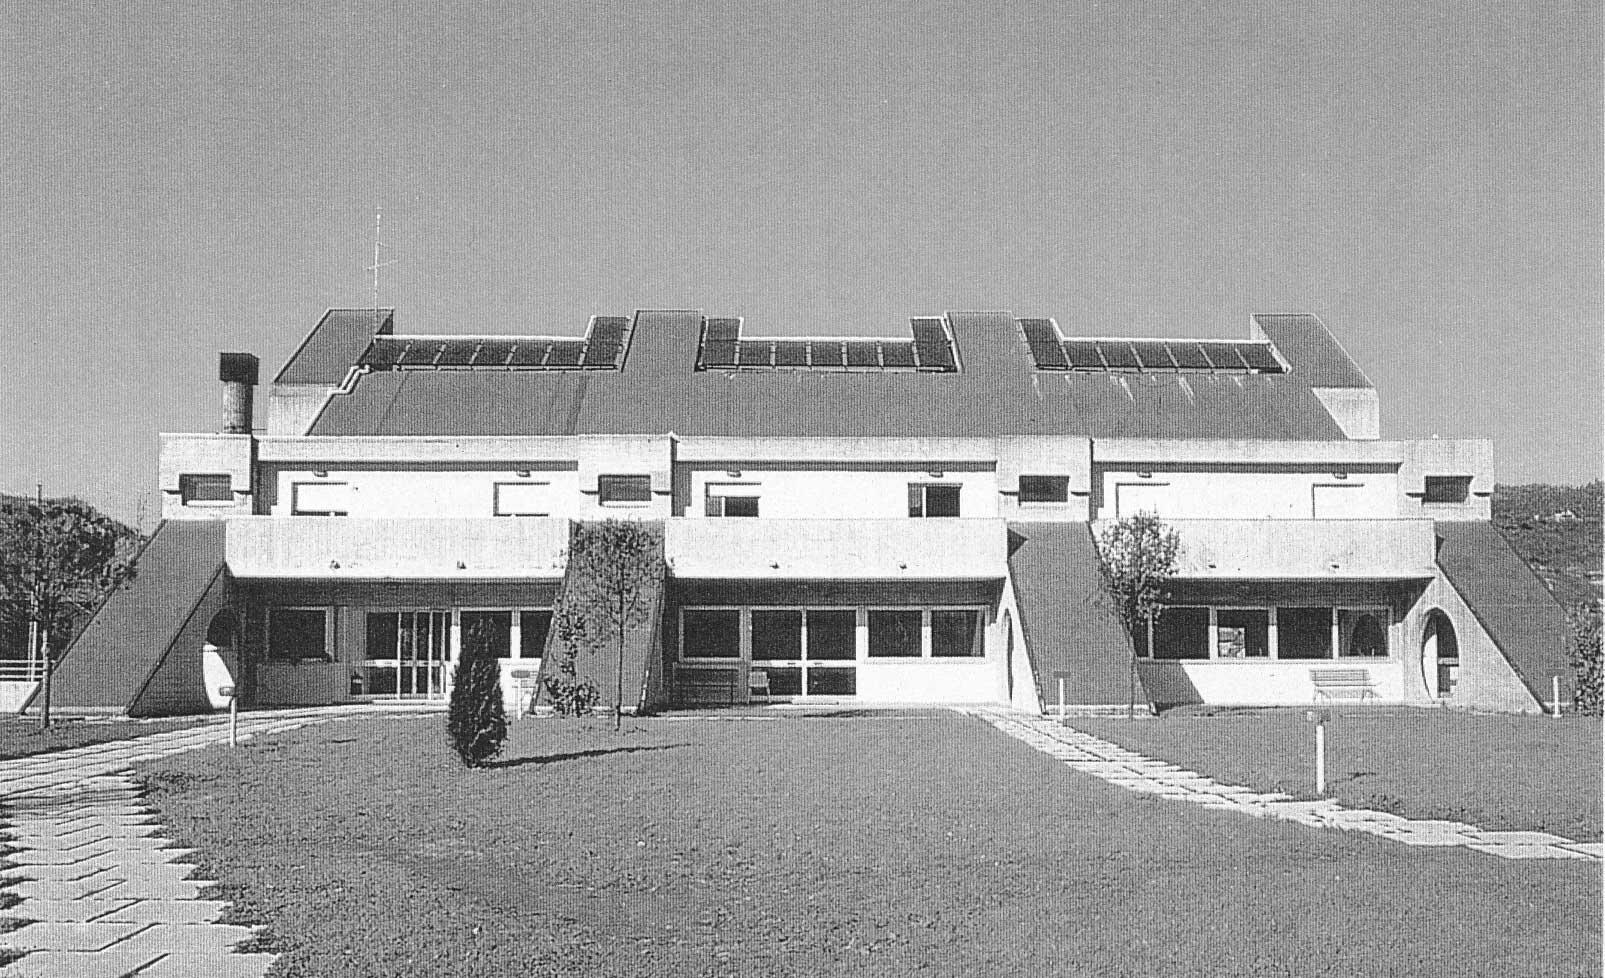 4 - Casa di riposo per anziani a S. Angelo in Vado (PU), per Amm.ne comunale - Vista esterna